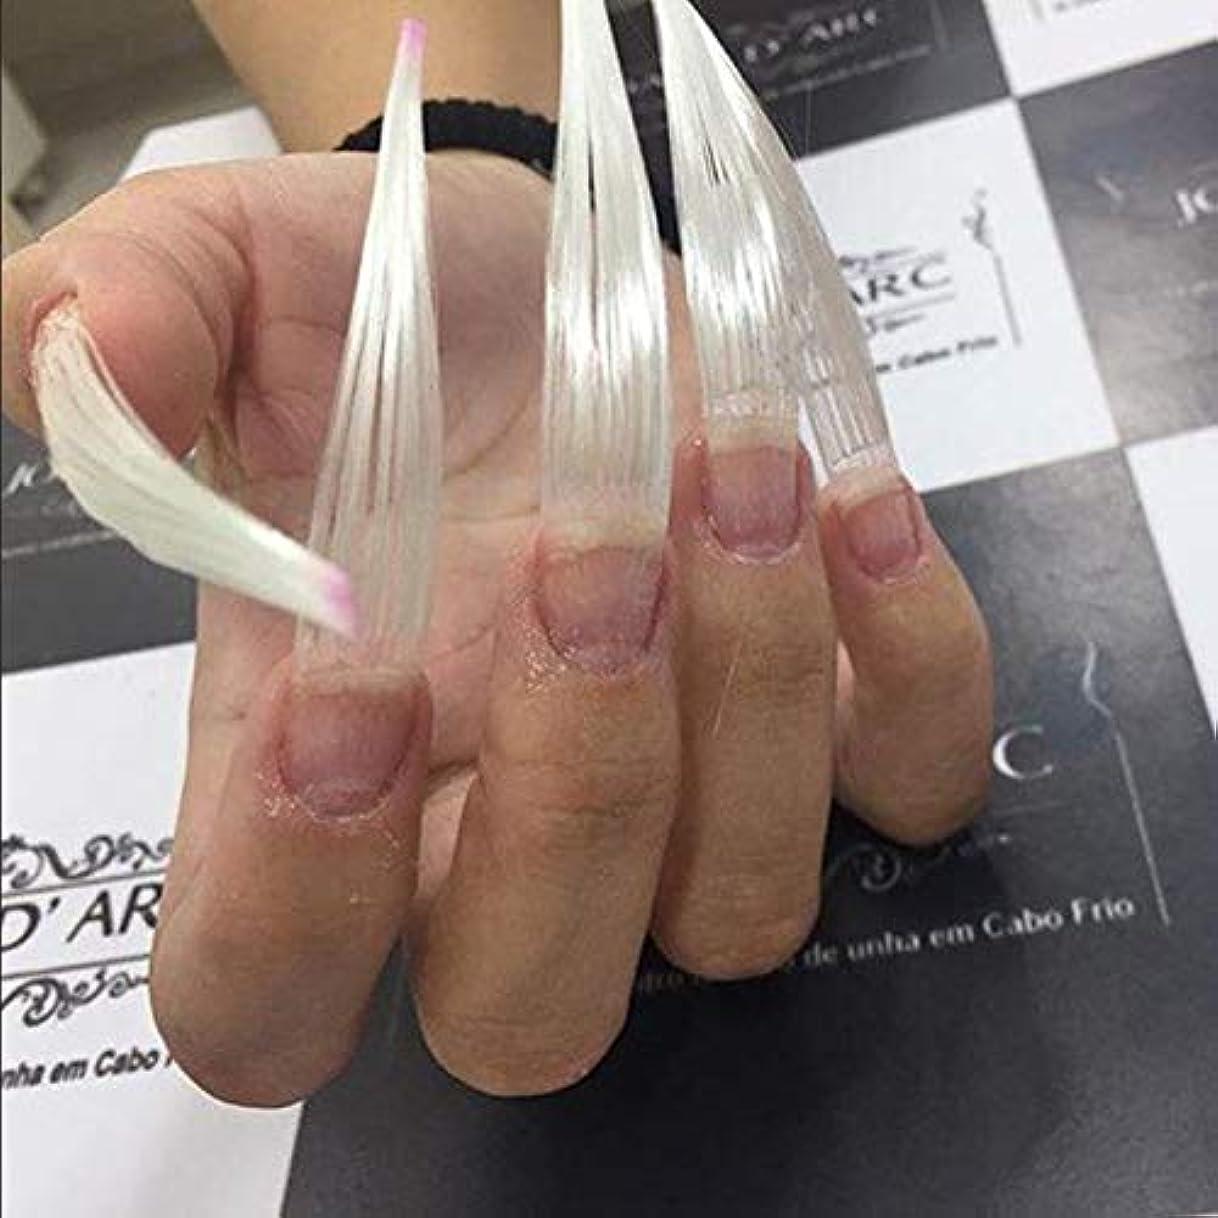 力学良さ百万Maxbei 50枚入りネイルエクステンション用グラスファイバー 延長繊維ネイル 及び 5個入り爪のクリップ ネイルアートツール